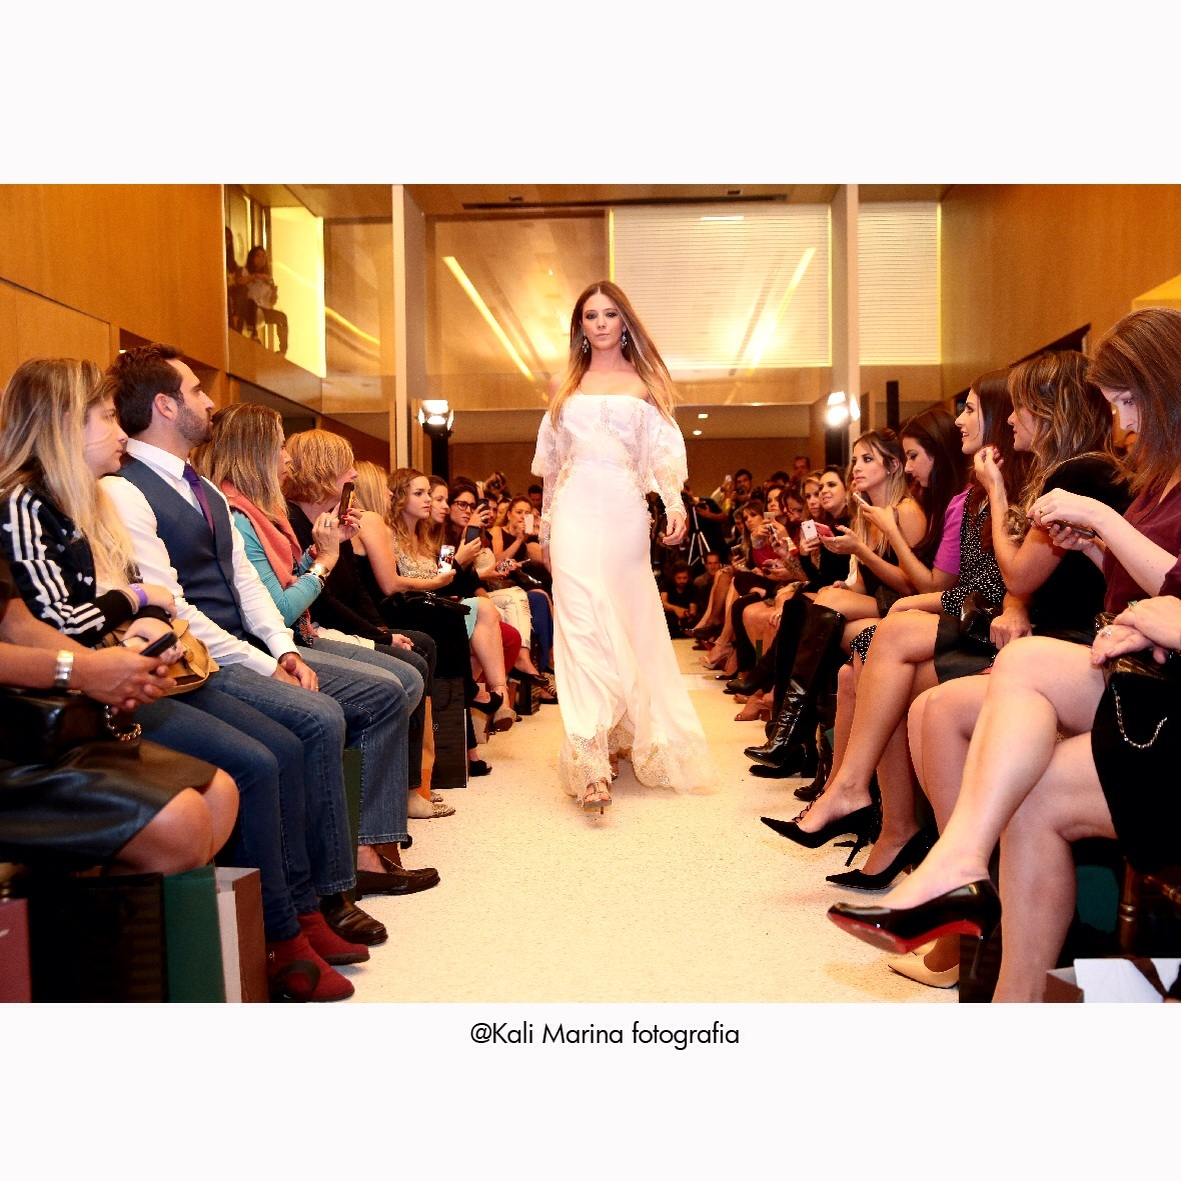 desfile-trinitá-casar-2015 6